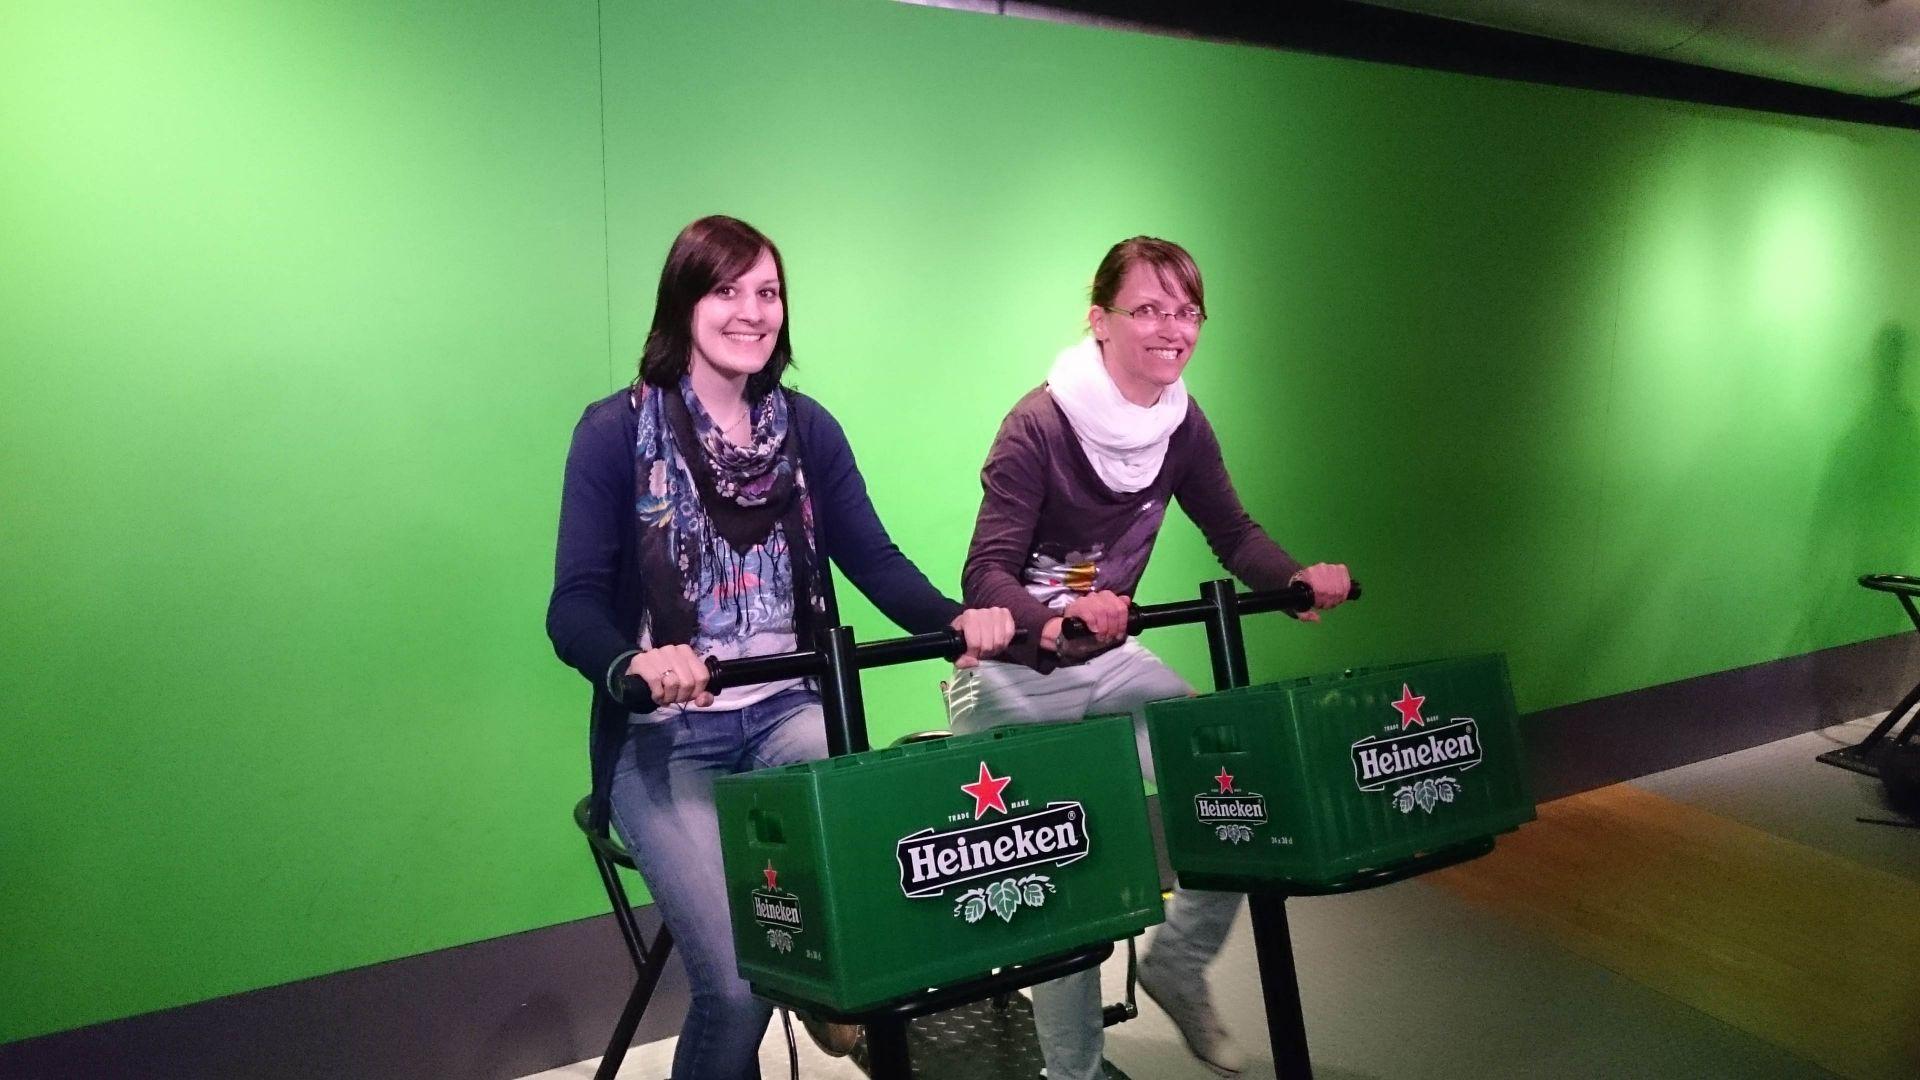 """Kristina und Doreen entdecken das """"Heineken Experience"""" in Amsterdam"""